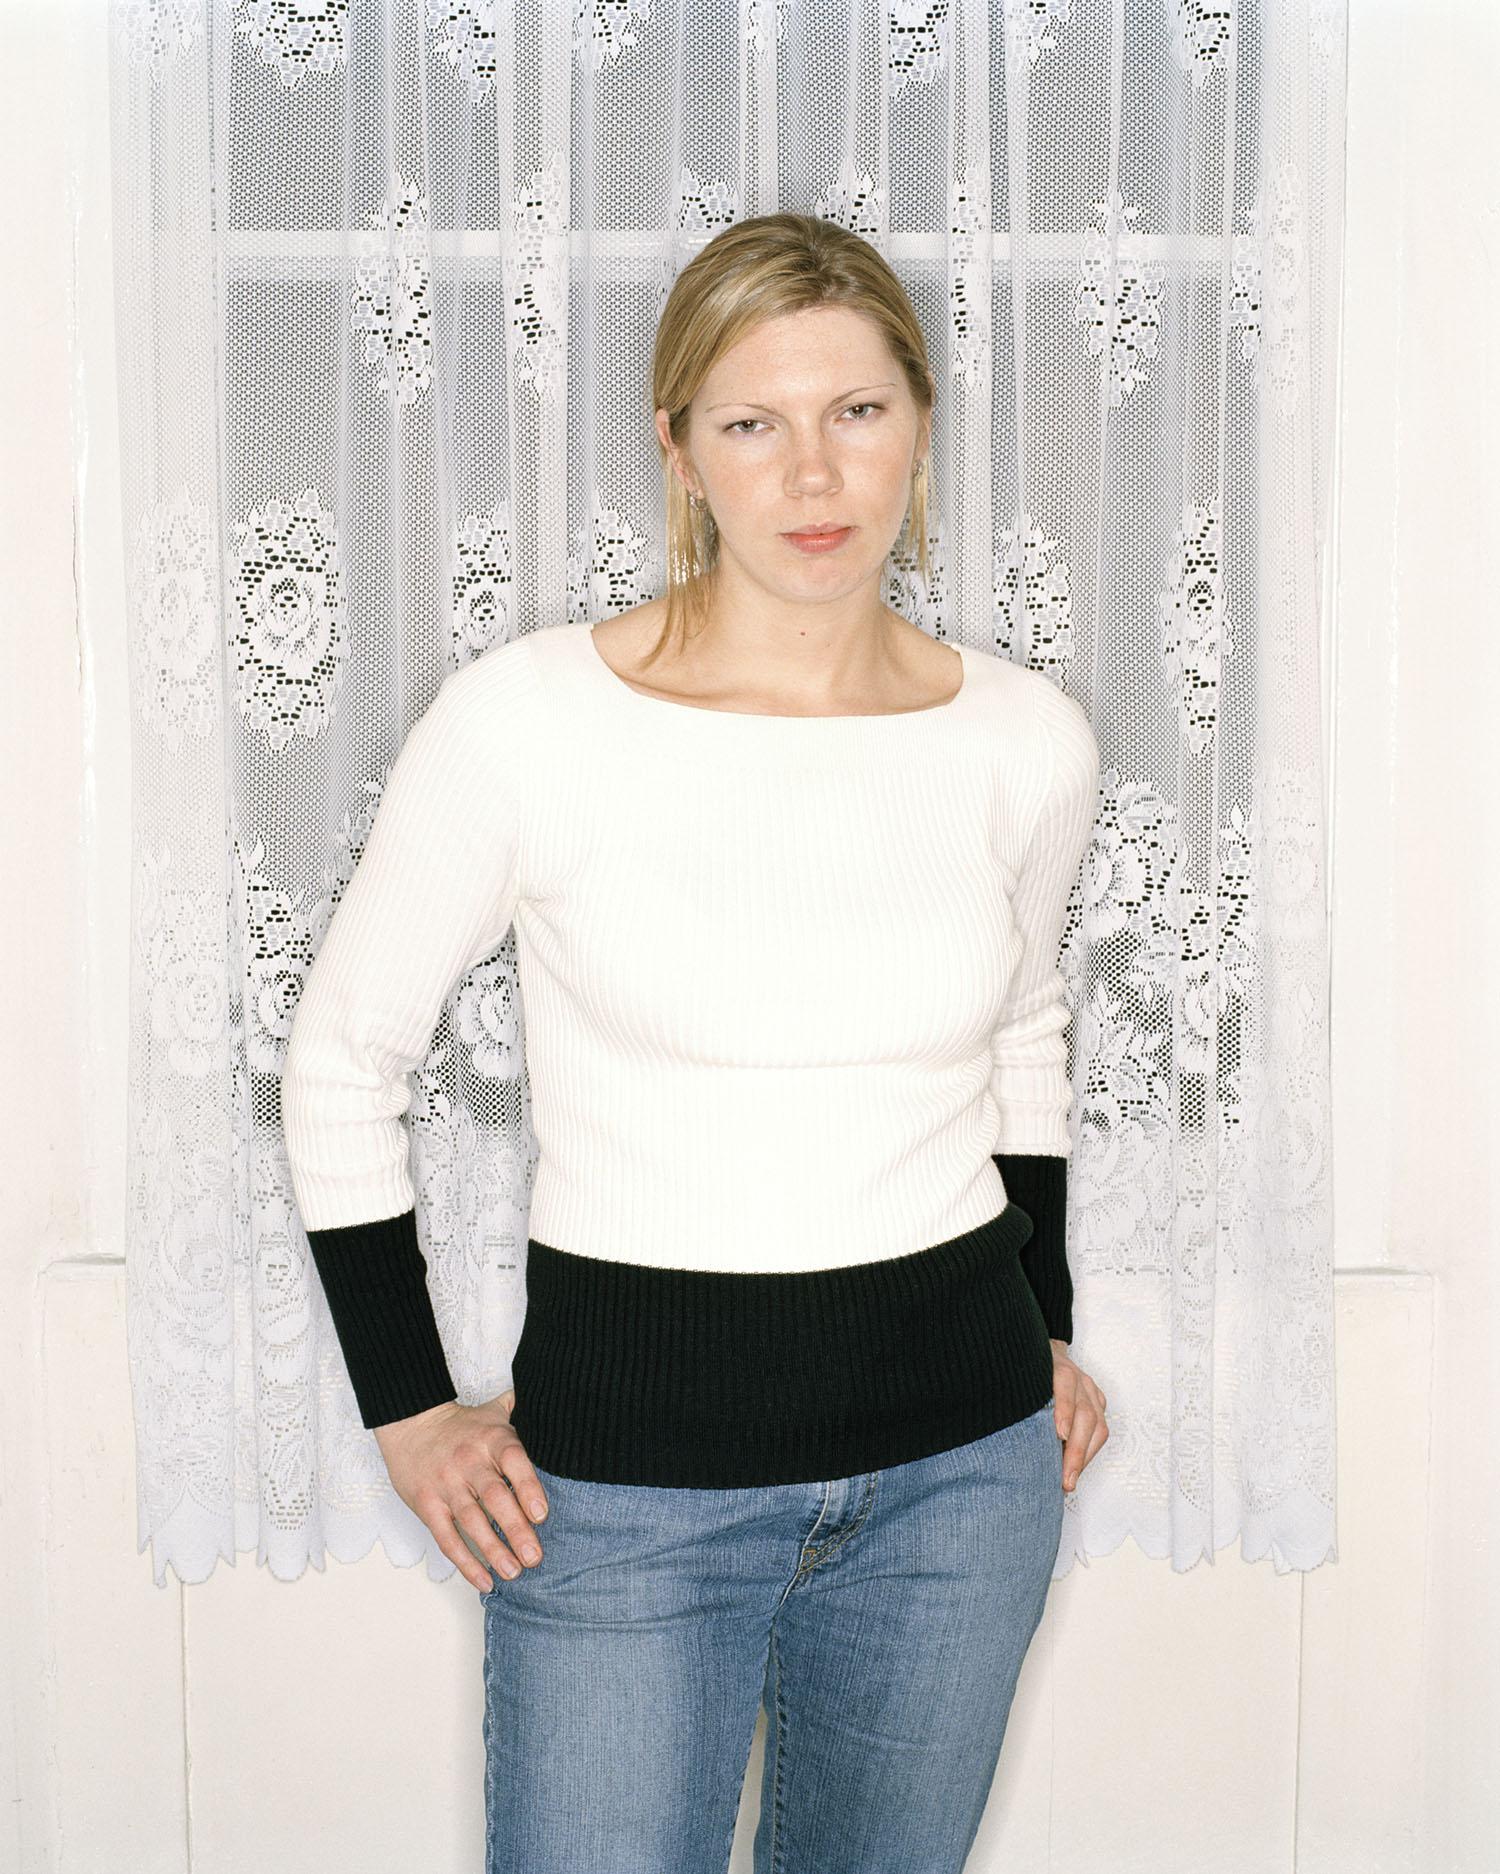 Caroline-ringflashMoody 001 copy.jpg